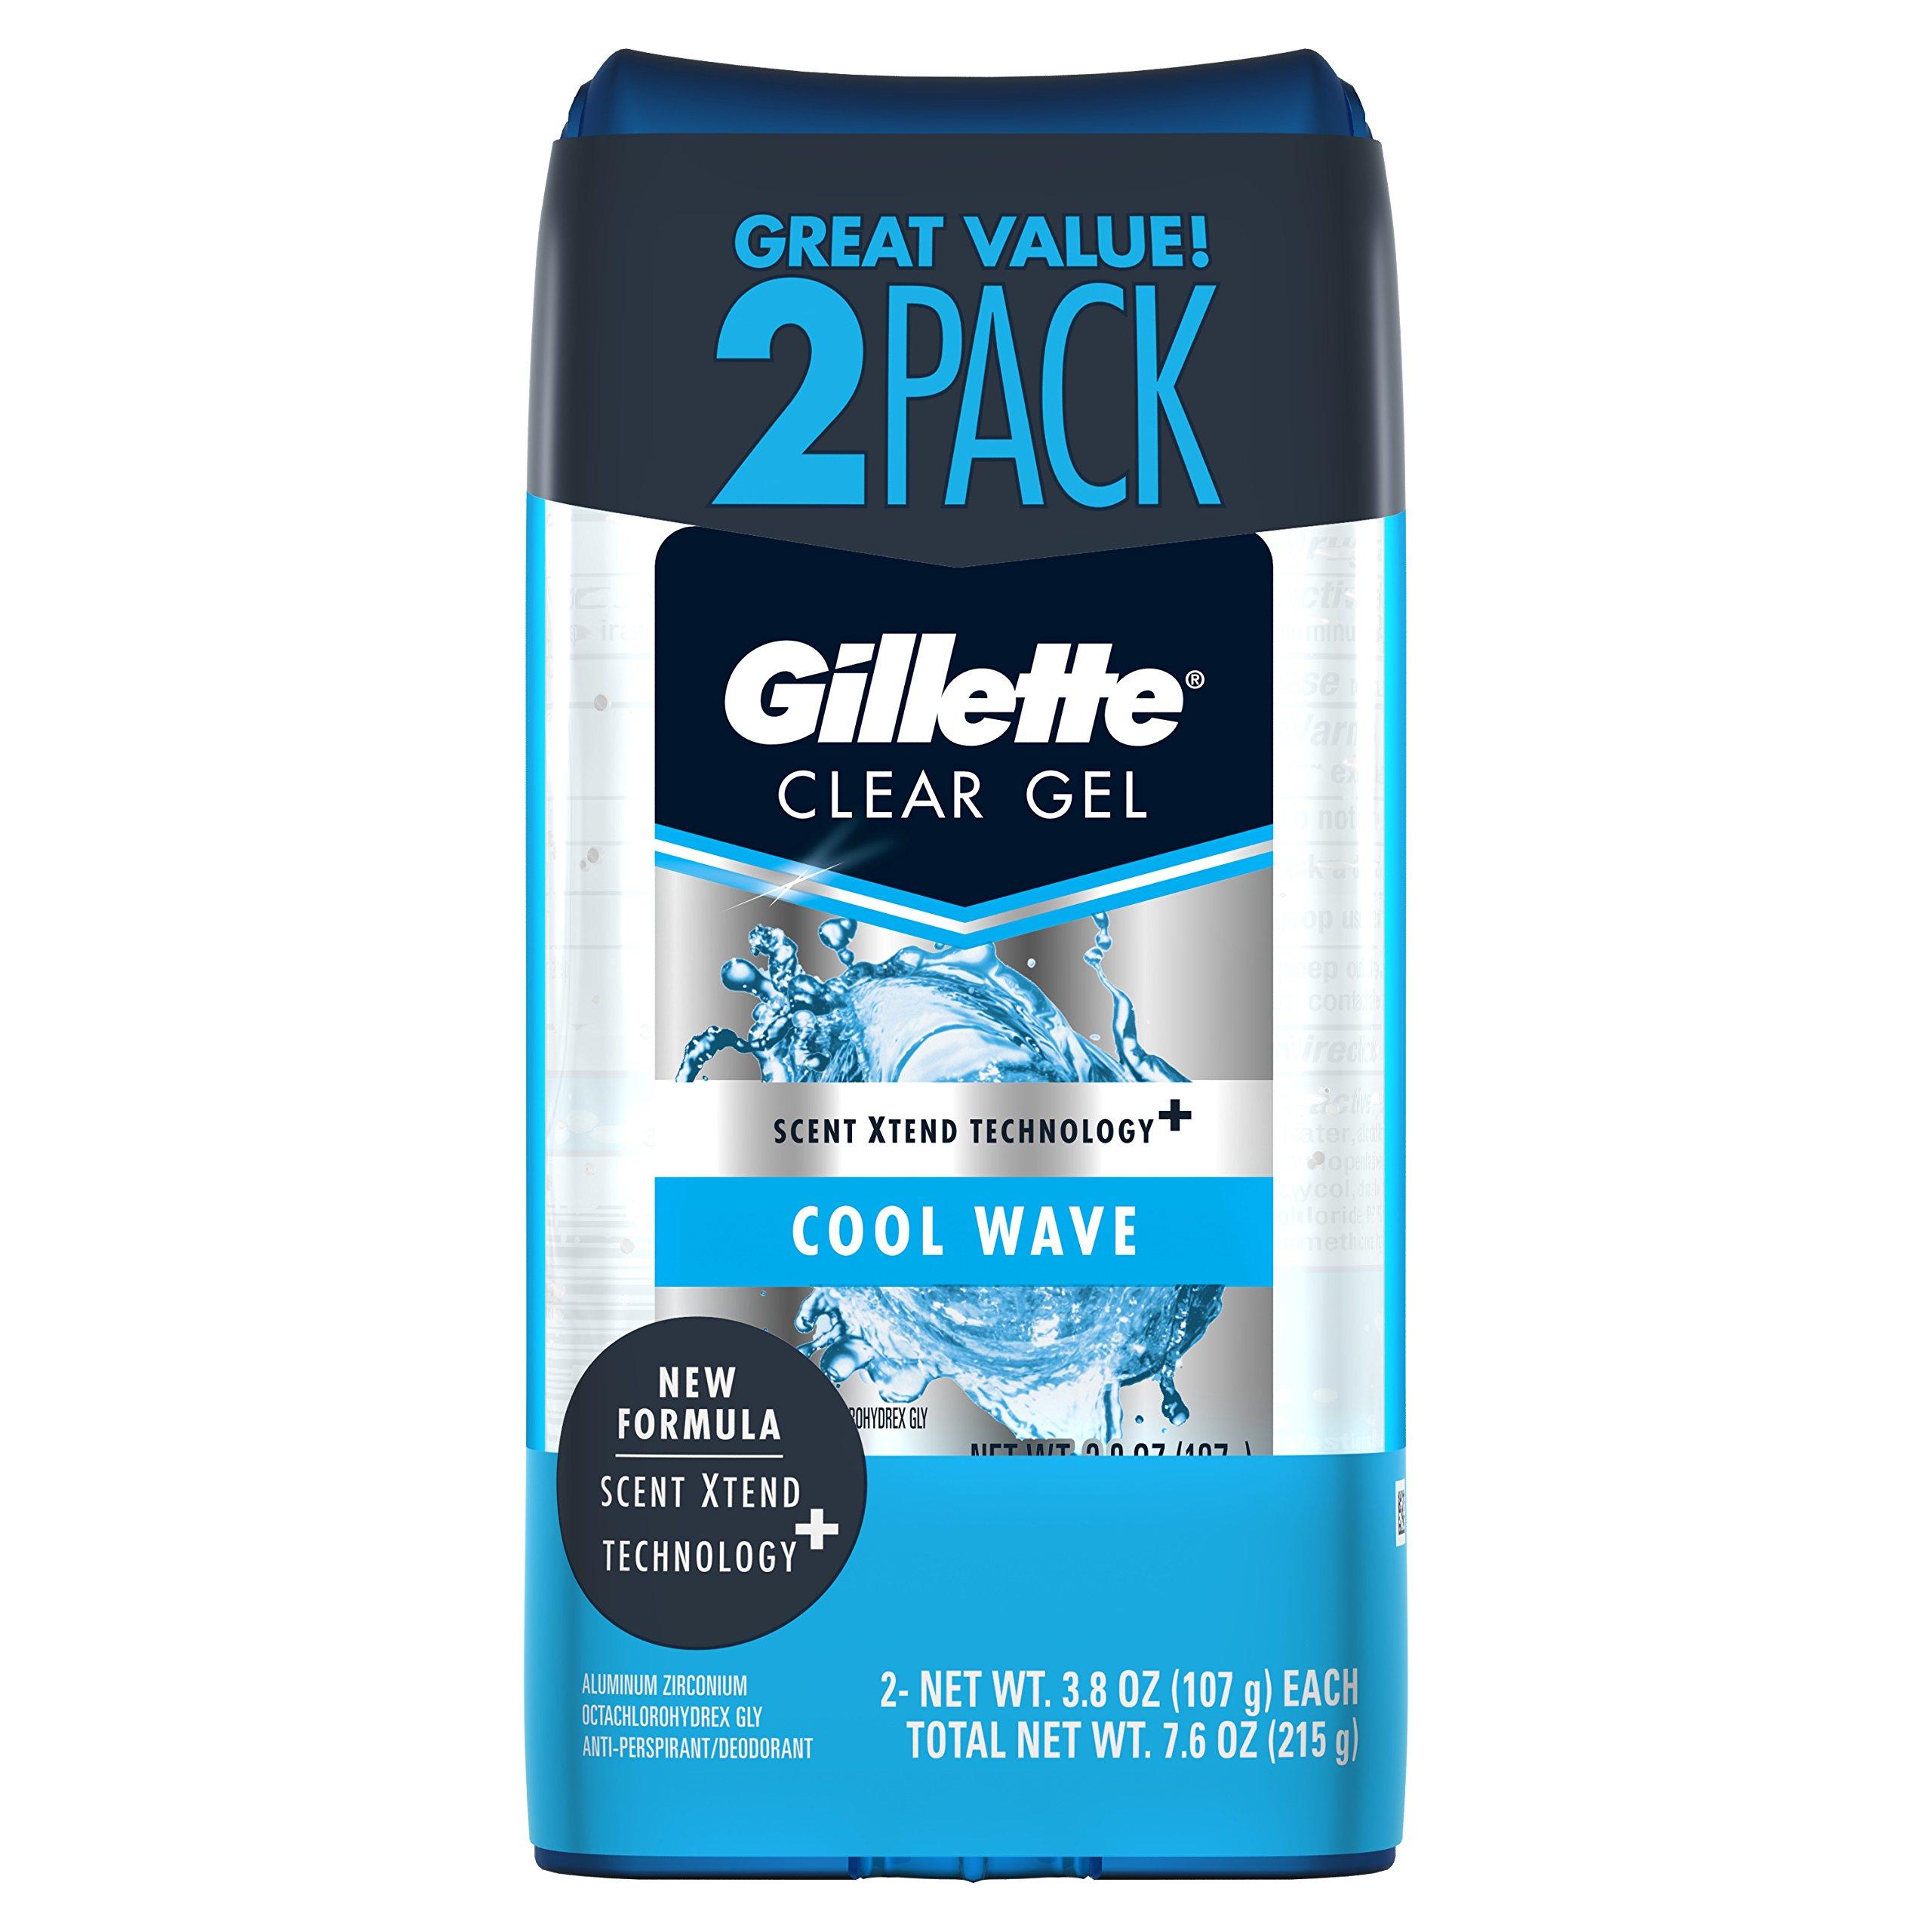 Gillette Antperspirant Deodorant for Men, Cool Wave Scent, Clear Gel, 3.8 oz (Pack of 2)